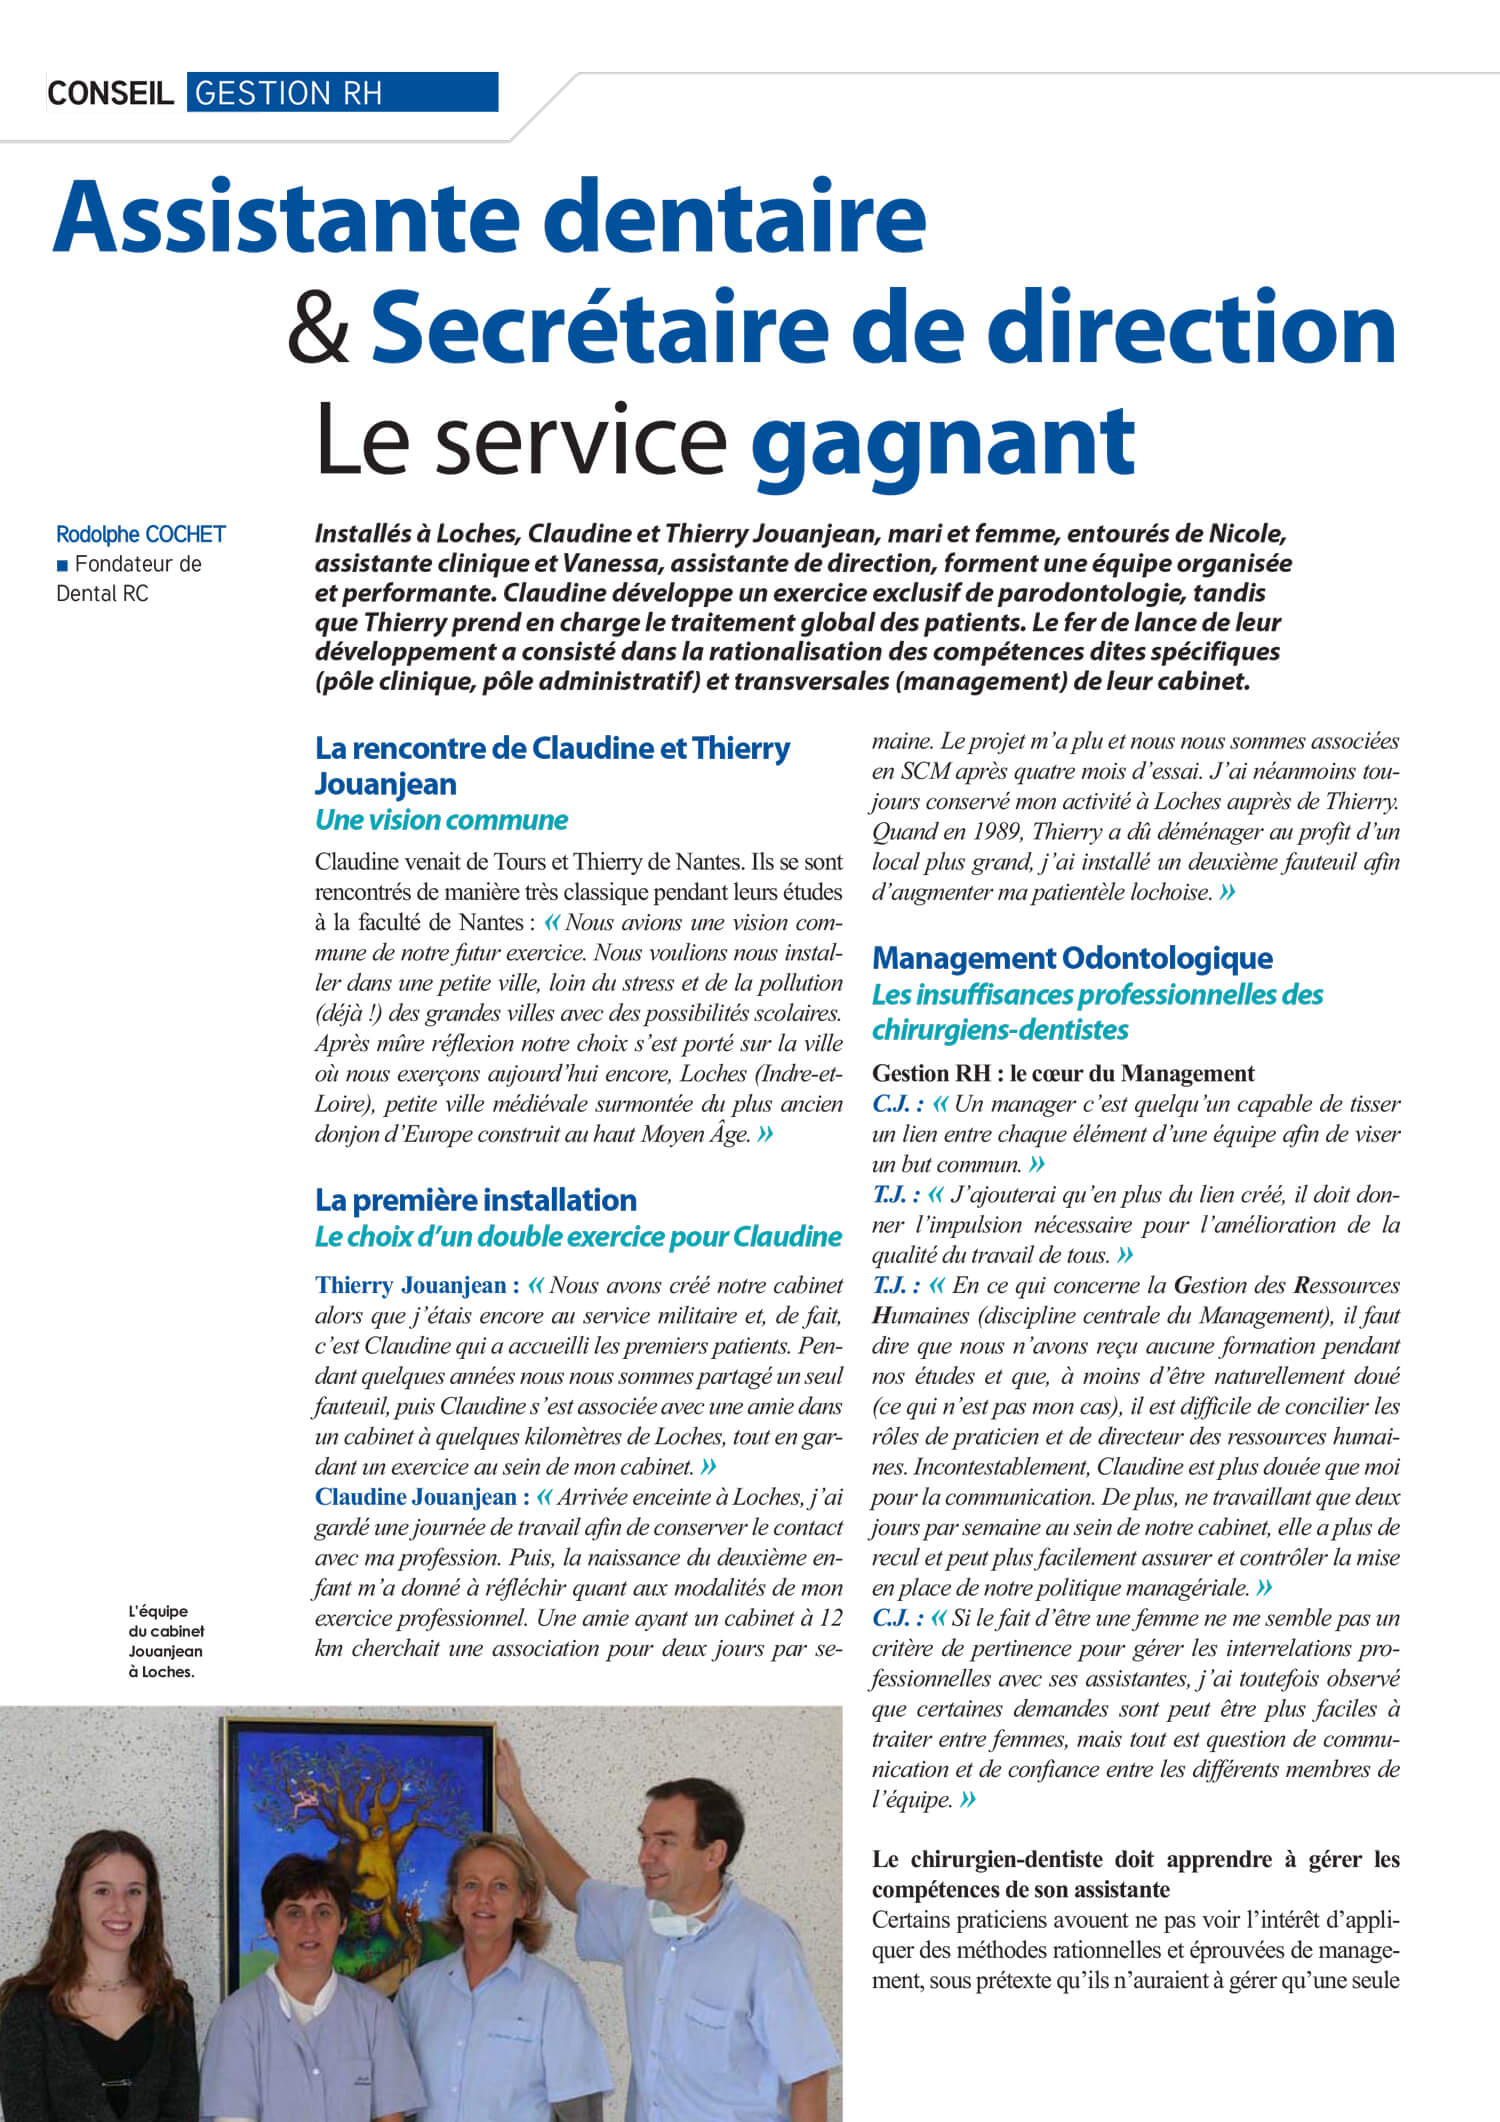 Le_Fil_Dentaire_Assistante_dentaire_et_secretaire_de_direction.jpg